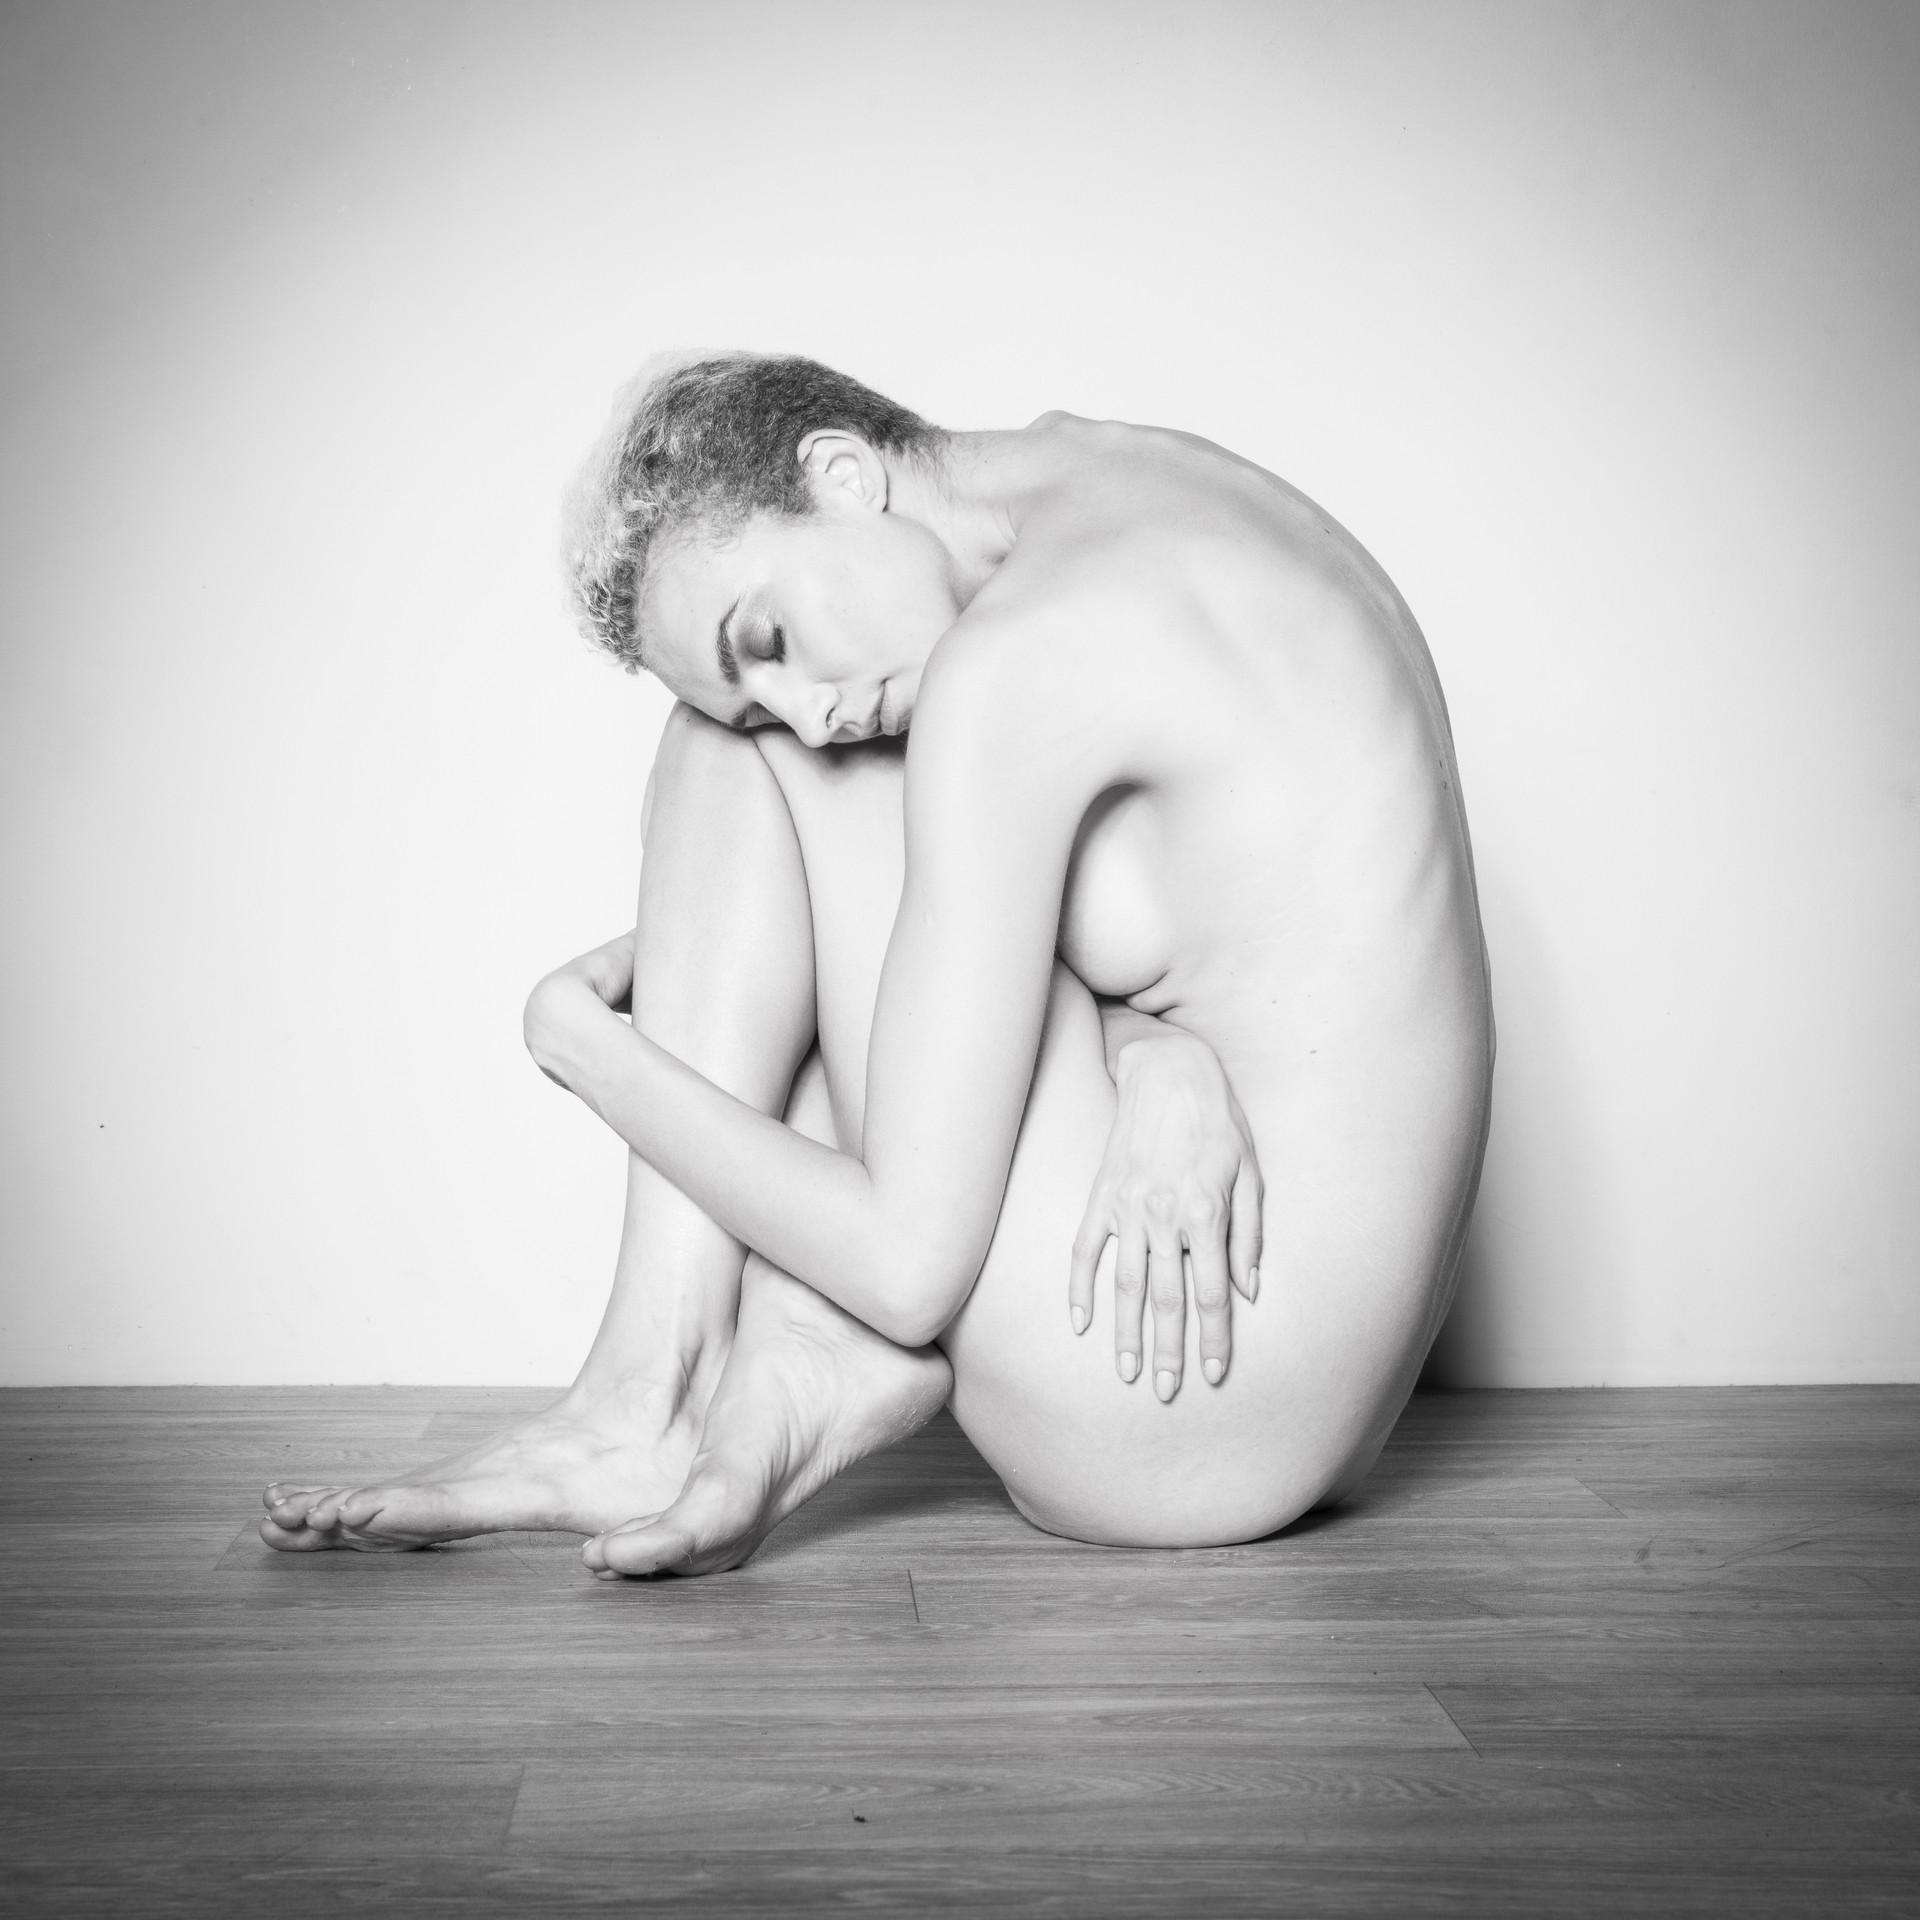 akt nude bonn